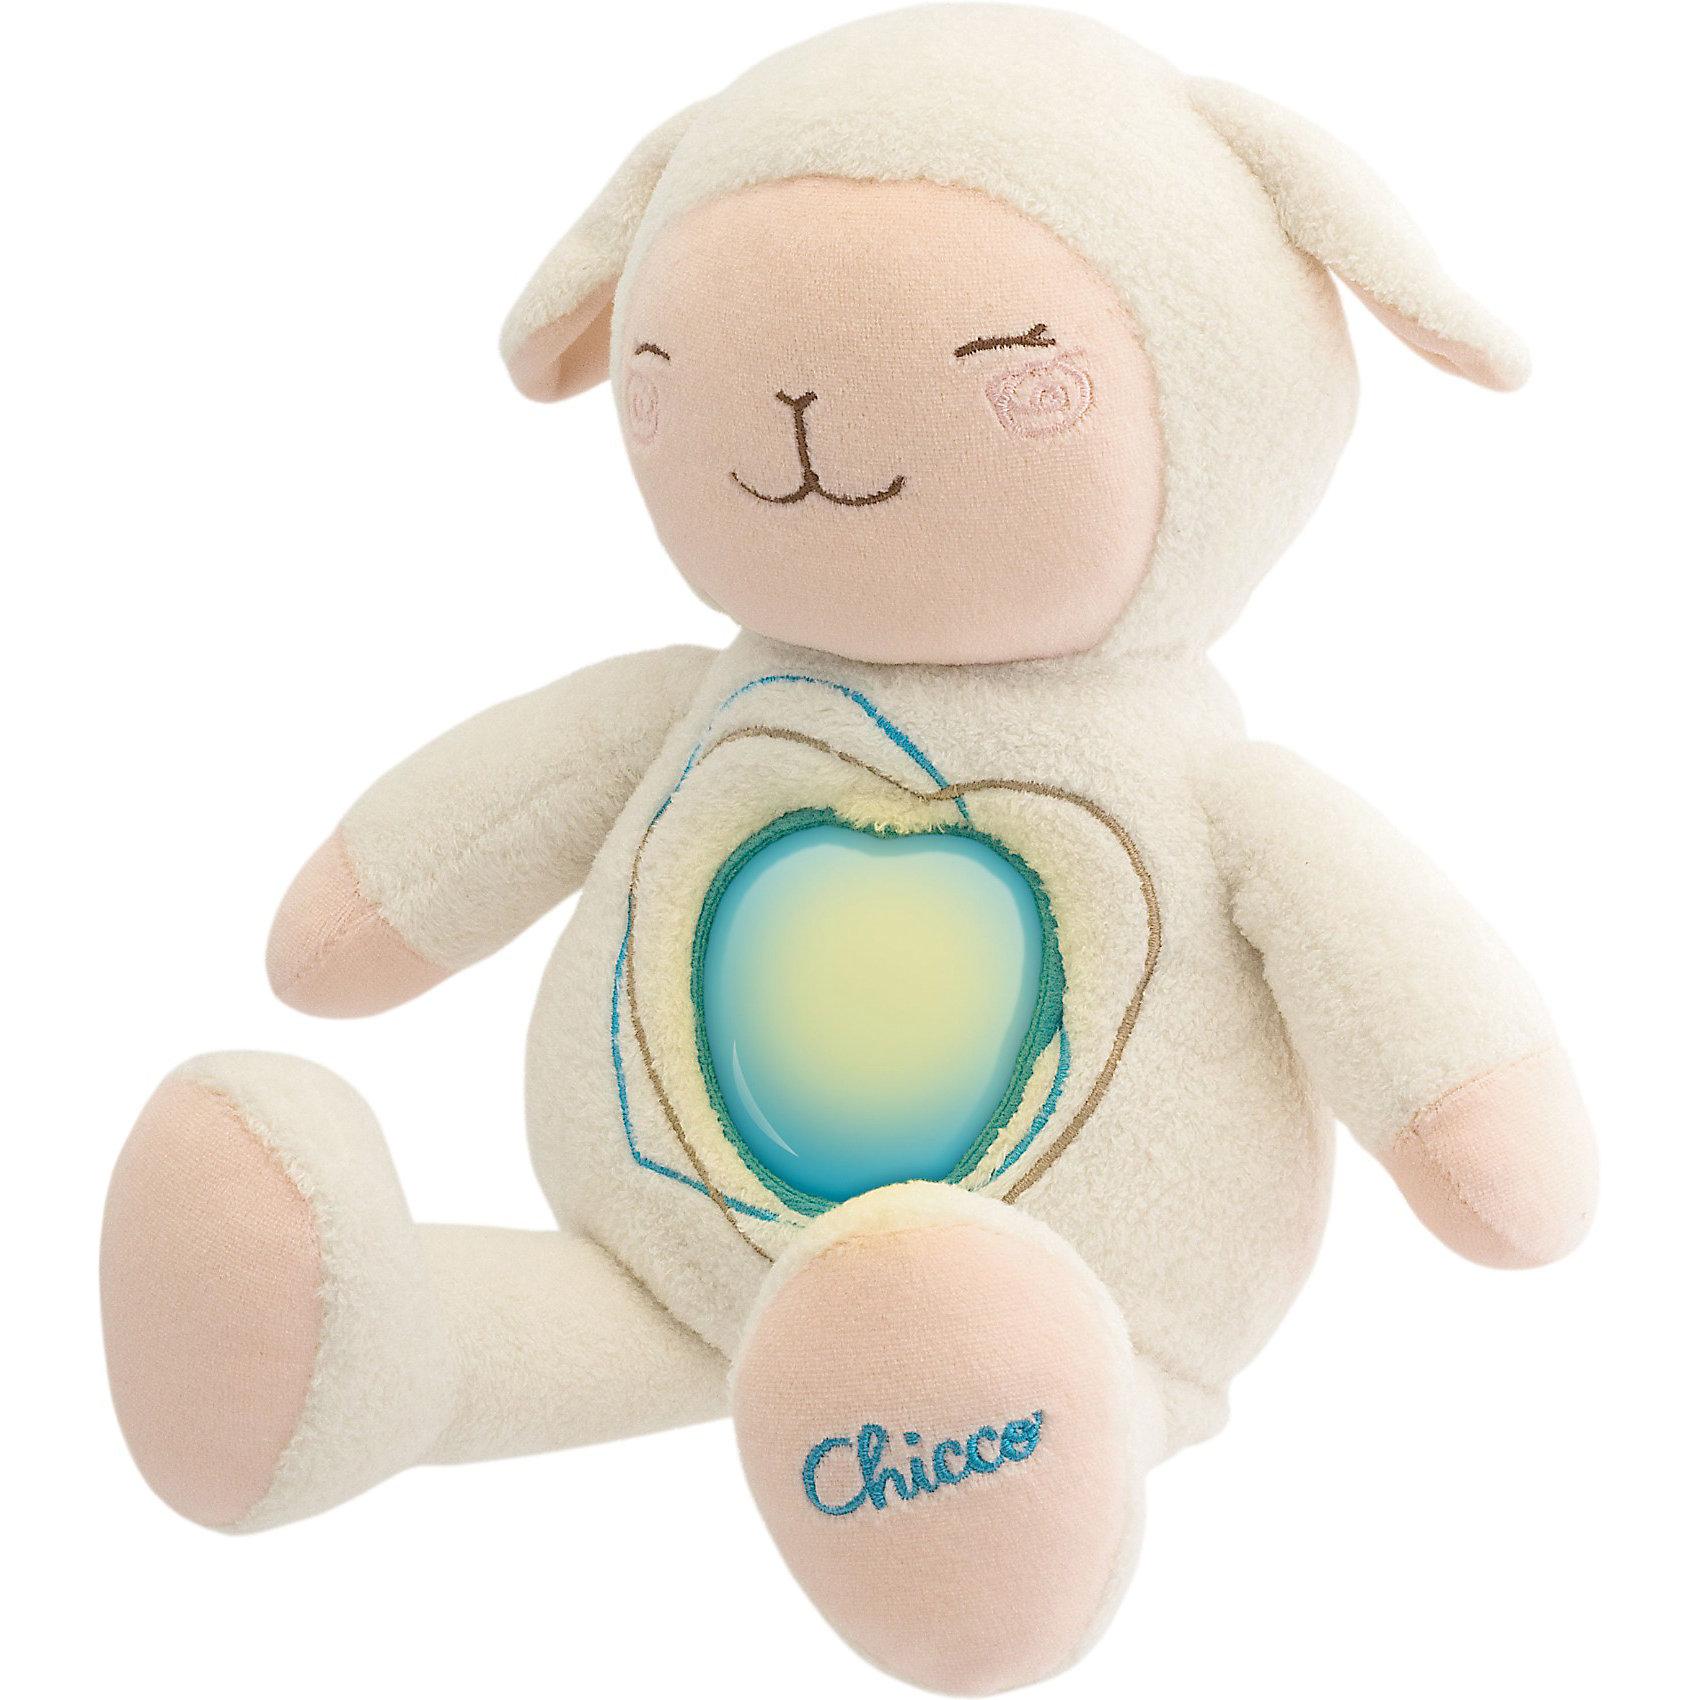 Овечка Sweetheart, со звуком, ChiccoОвечка Sweetheart от Chicco (Чико) - милая забавная игрушка, которая станет маленьким другом Вашему малышу. Овечка очень мягкая и приятная на ощупь, ребенок с удовольствием будет ее обнимать и тискать и засыпать вместе с ней в кроватке. Овечку можно использовать в качестве ночника. <br><br>Игрушка поможет ребенку успокоится и поскорей заснуть: если нажать на сердечко на животике у овечки, включится приглушенный свет и зазвучит колыбельная Брамса.<br>Музыкальное и световое устройство с батарейками съемное, что позволяет без опасений стирать овечку.<br><br>Дополнительная информация:<br><br>- Материал: плюш.<br>- Требуются батарейки: 2 х АА (включены в комплект). <br>- Высота игрушки: 35 см. <br>- Размер упаковки: 25,2 х 31 х 14,2 см.<br>- Вес: 0,716 кг.<br><br>Овечку Sweetheart, со звуком, Chicco (Чико) можно купить в нашем интернет-магазине.<br><br>Ширина мм: 252<br>Глубина мм: 310<br>Высота мм: 142<br>Вес г: 716<br>Возраст от месяцев: 0<br>Возраст до месяцев: 36<br>Пол: Унисекс<br>Возраст: Детский<br>SKU: 3688344